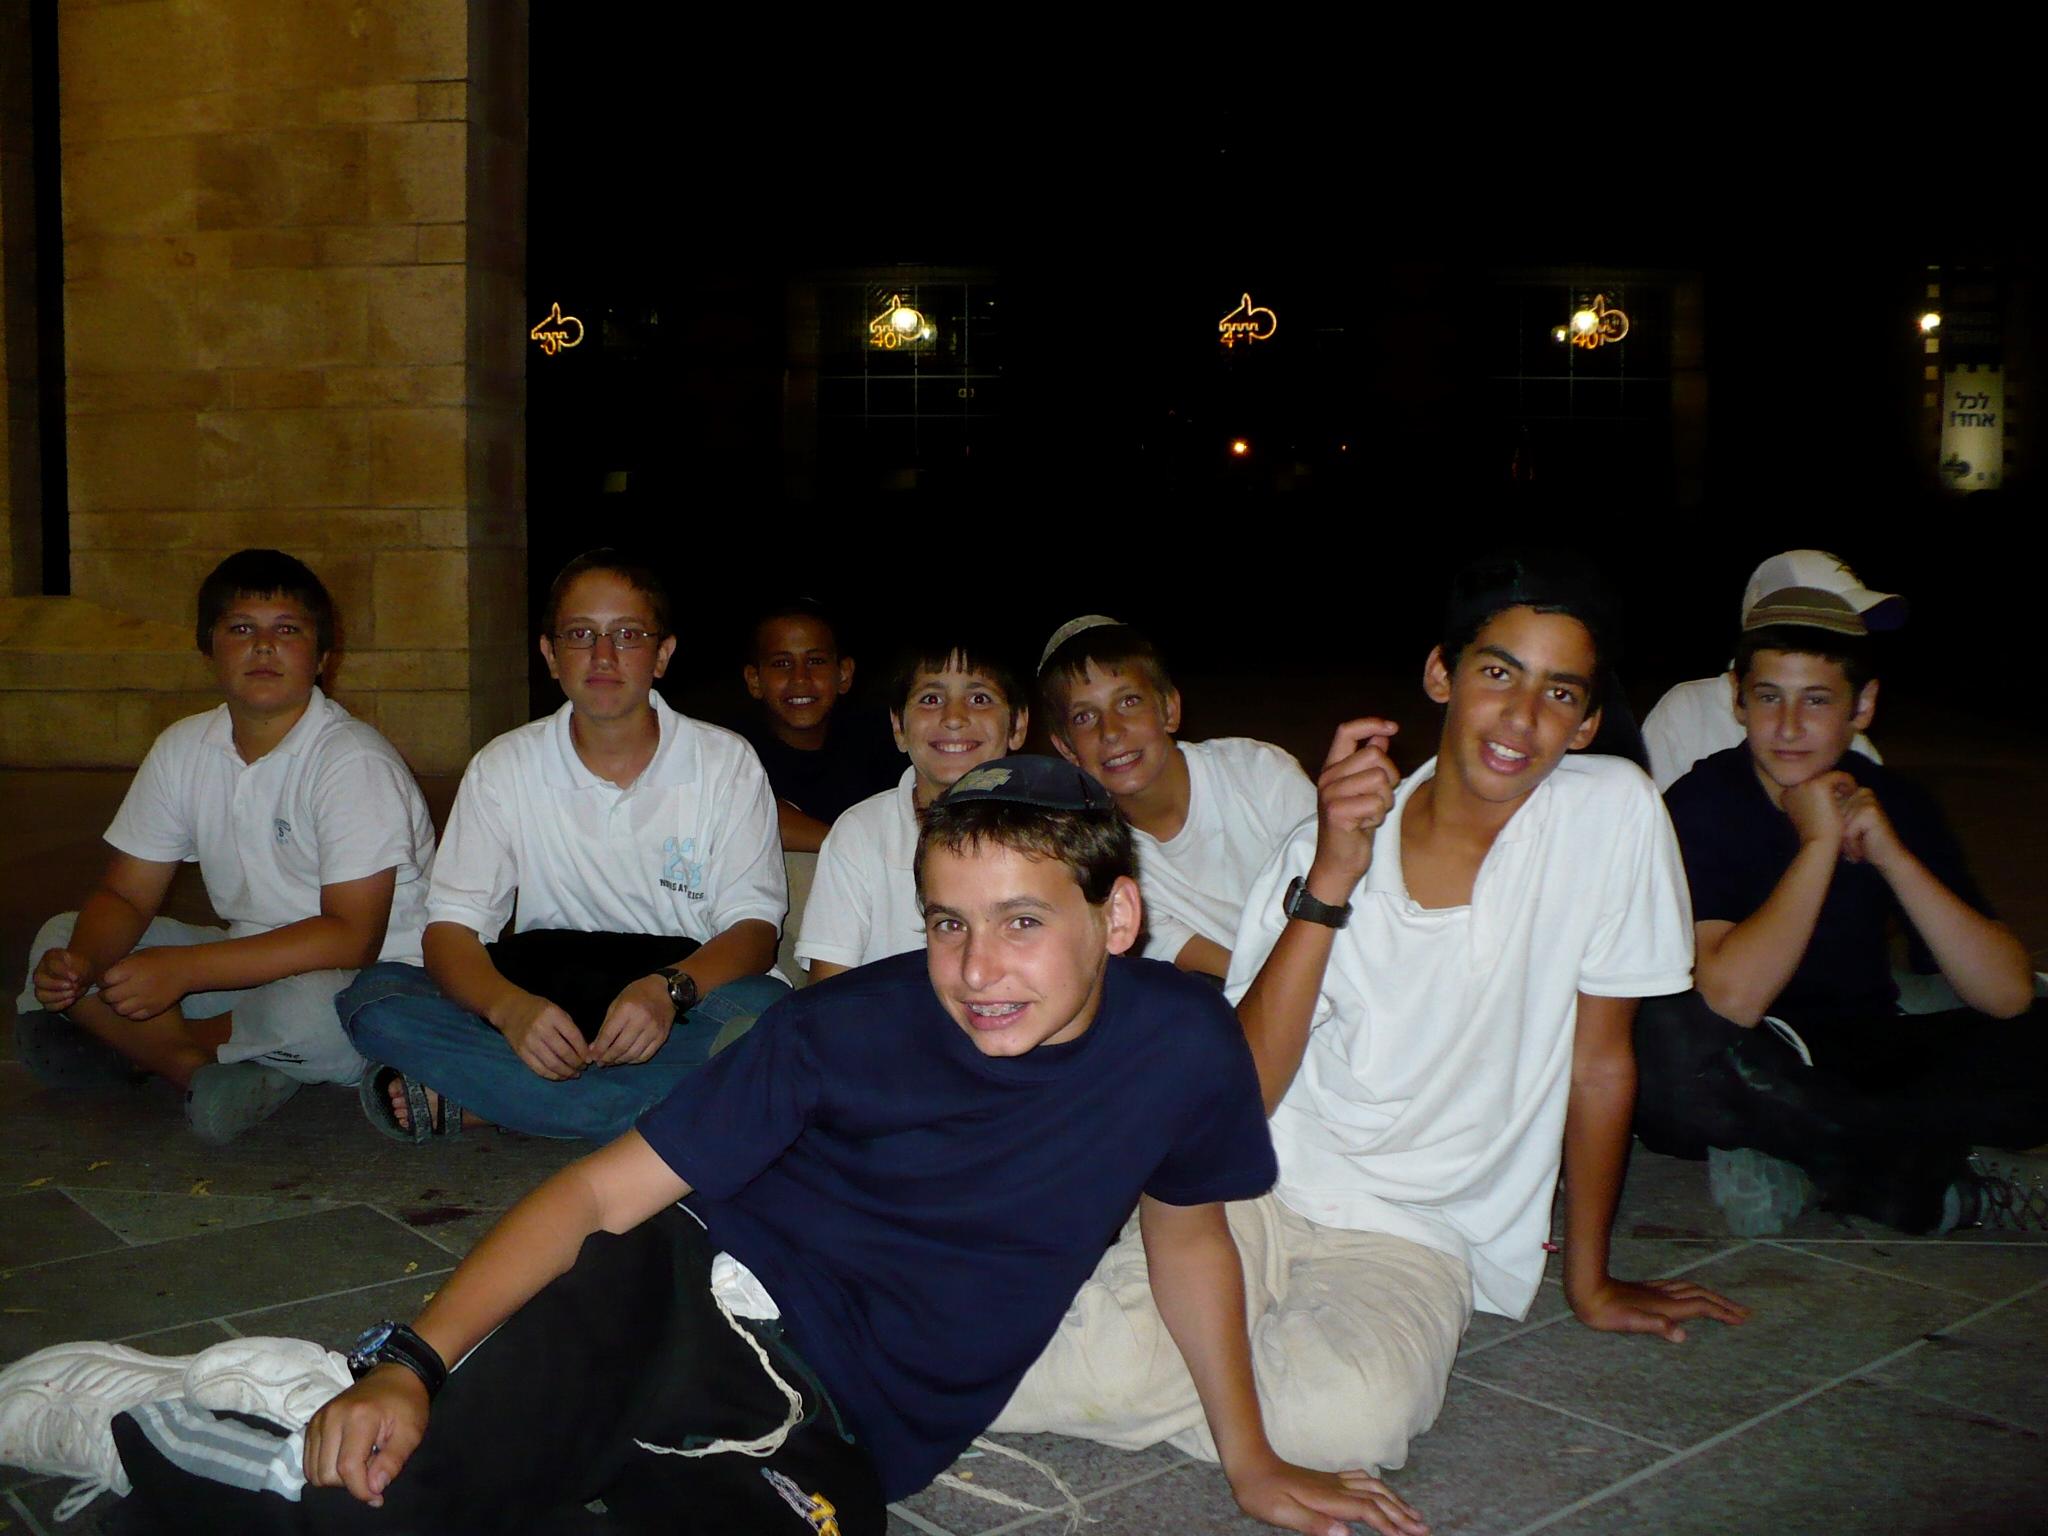 ישי וחבריו לכיתה בפעילות סוף שנה כיתה ו